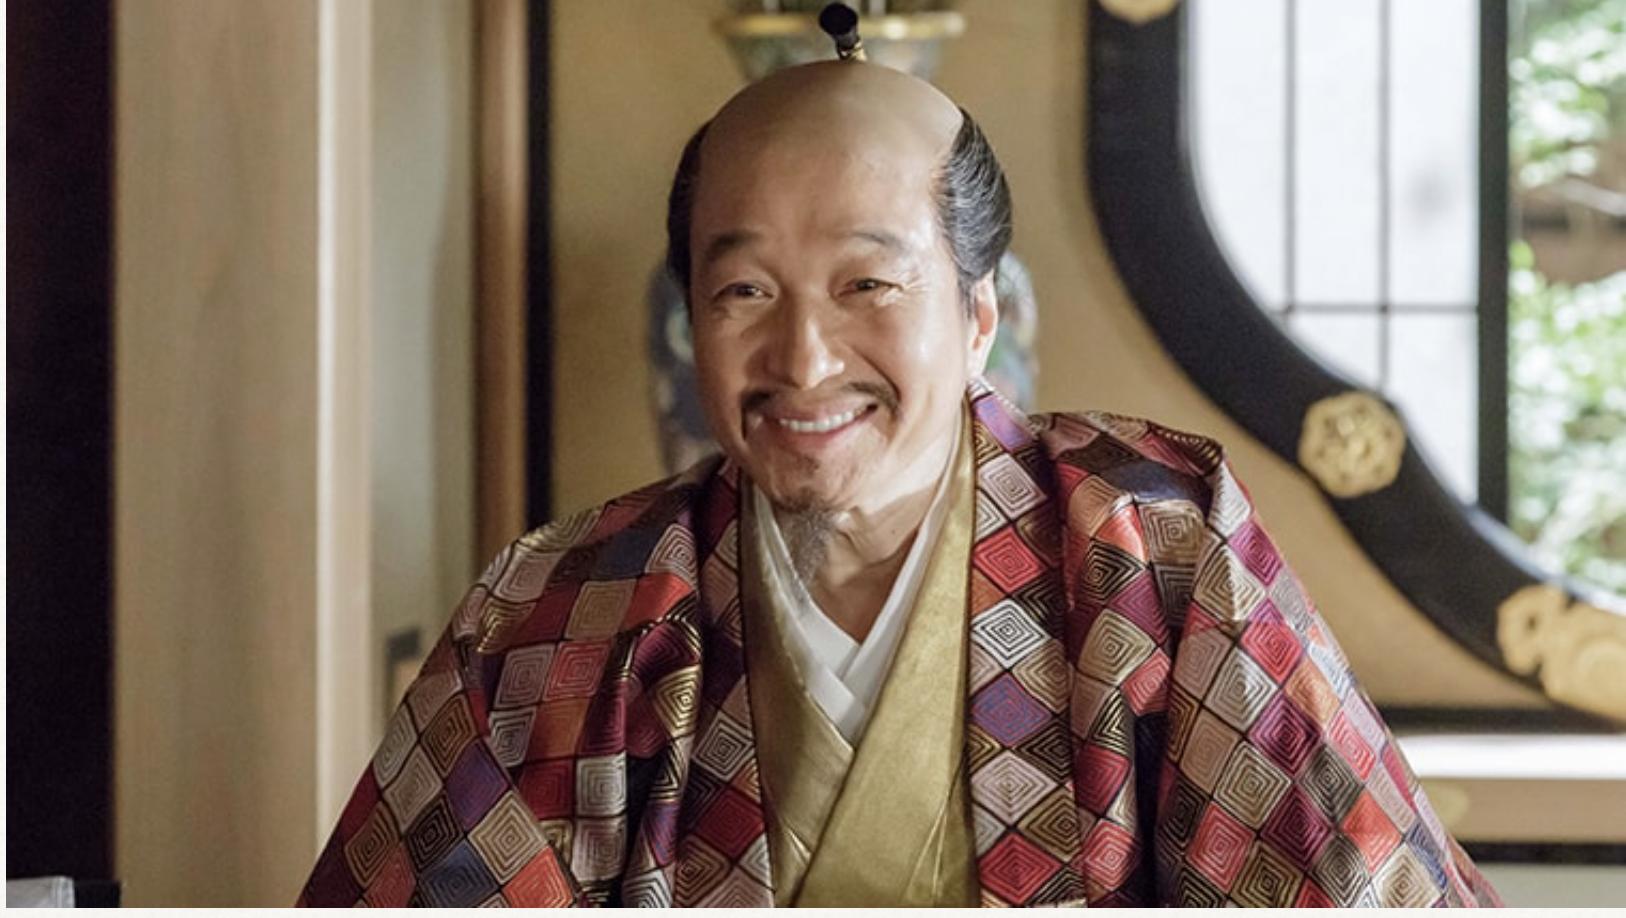 【大河ドラマ】豊臣秀吉役で一番好きな人は? 【人気投票実施中】 | ねとらぼ調査隊